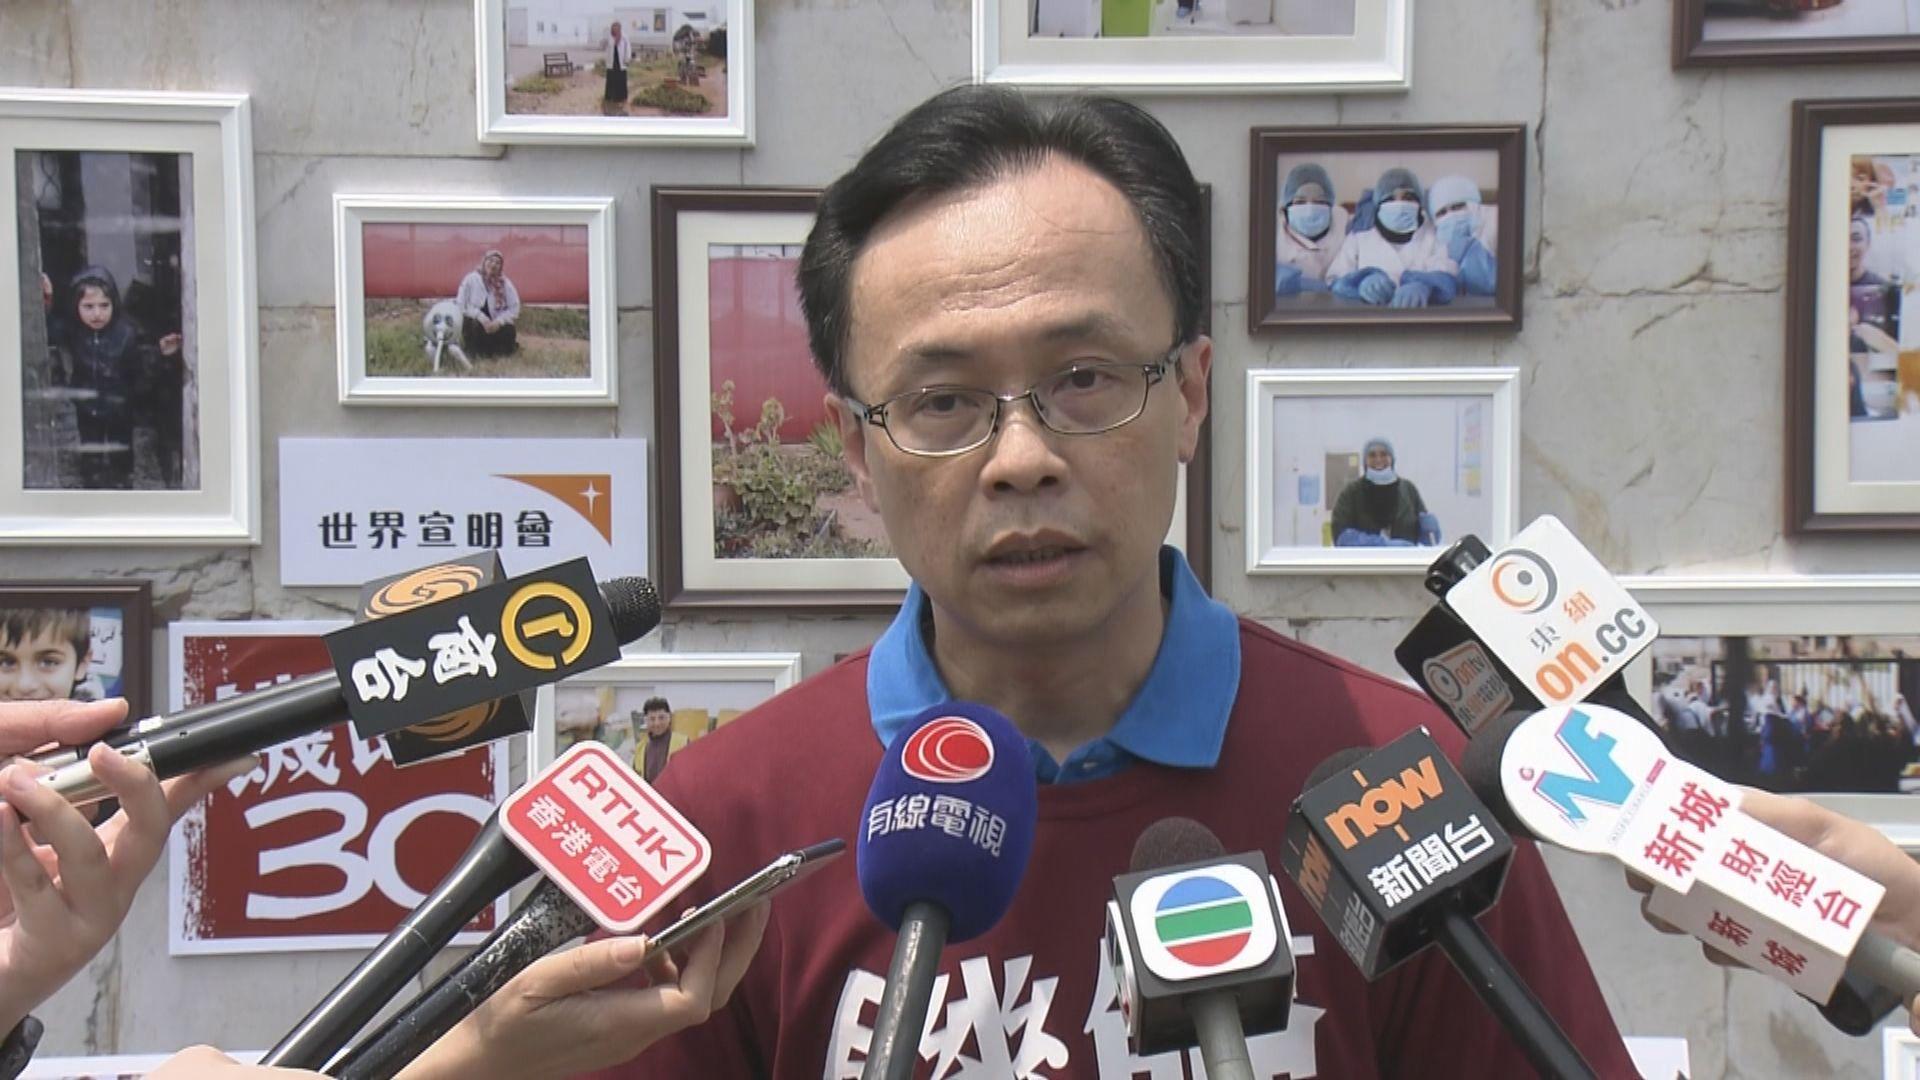 聶德權:選民登記冊消失兩年多未有通報做法不能接受